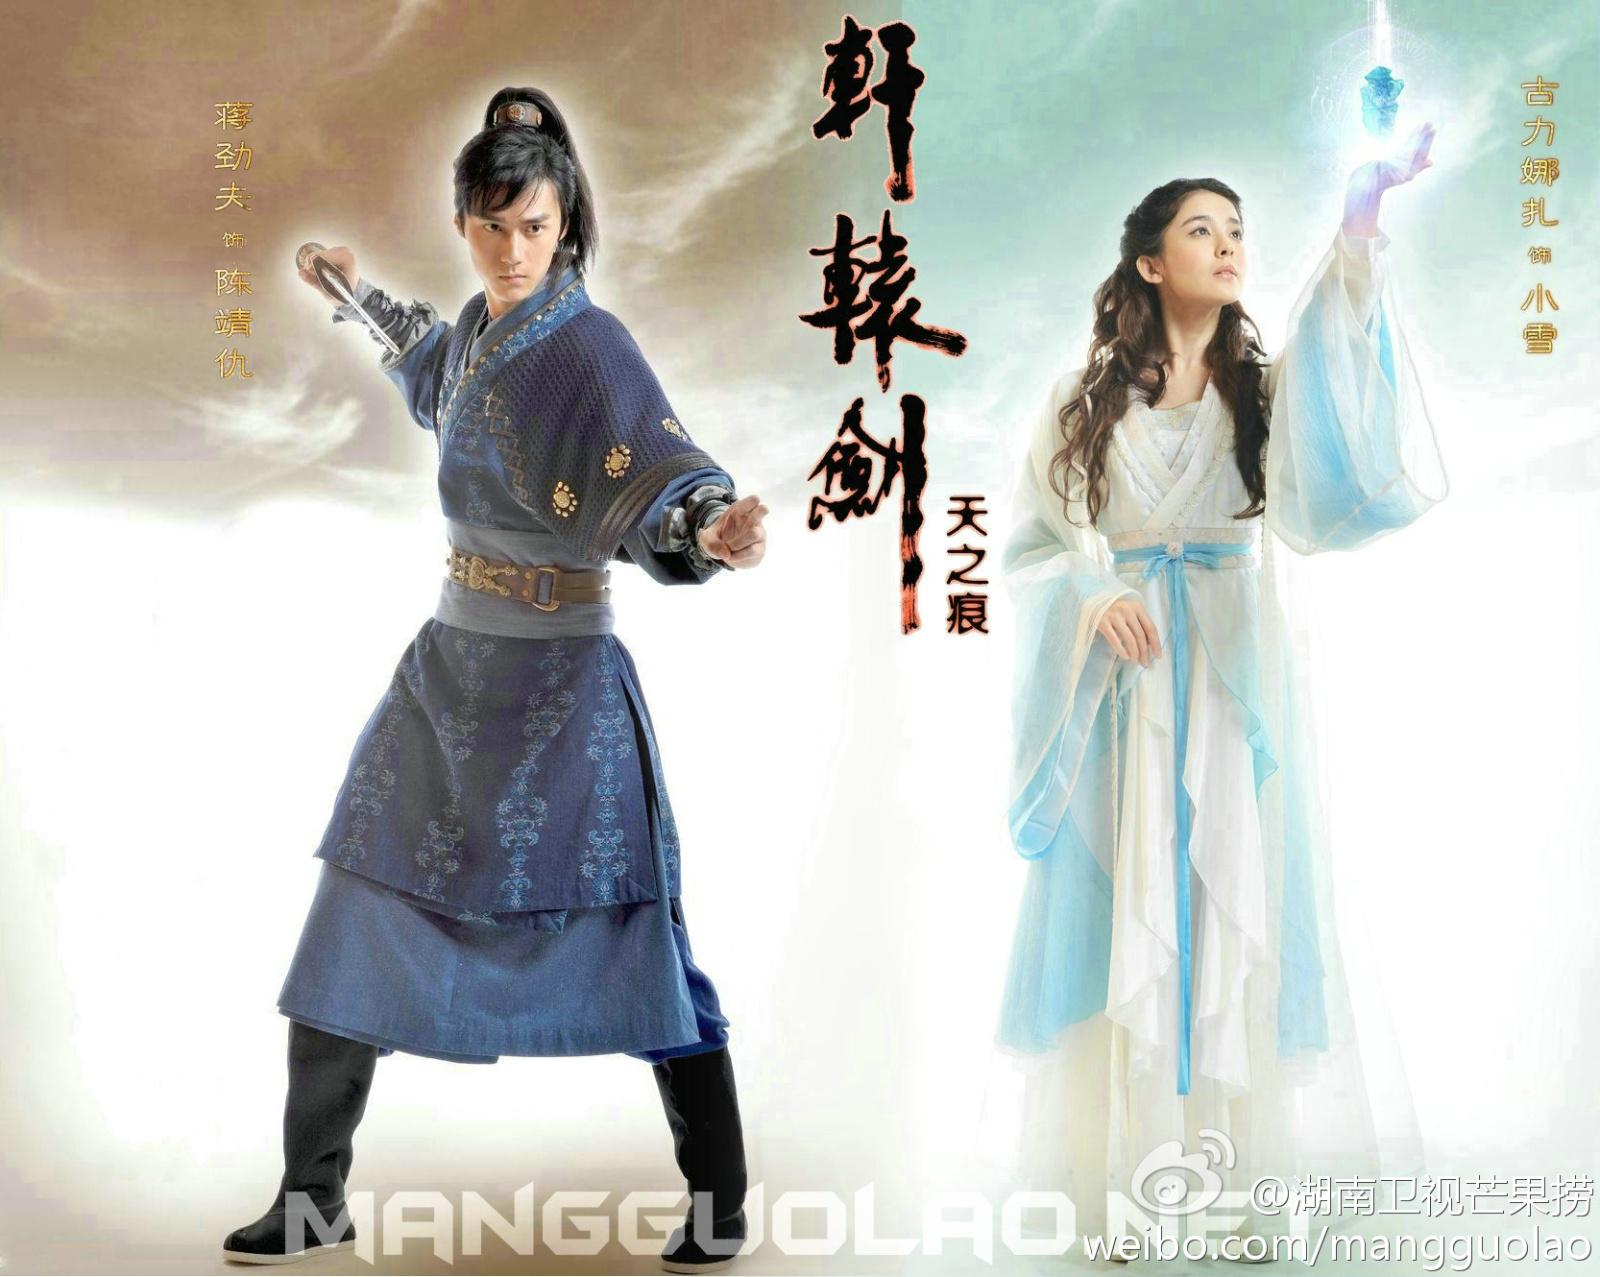 [Thông Tin Phim] Hiên Viên Kiếm - Thiên Chi Ngân - Hồ Ca[2012] 681ab3edtw1djehkfuq8ij